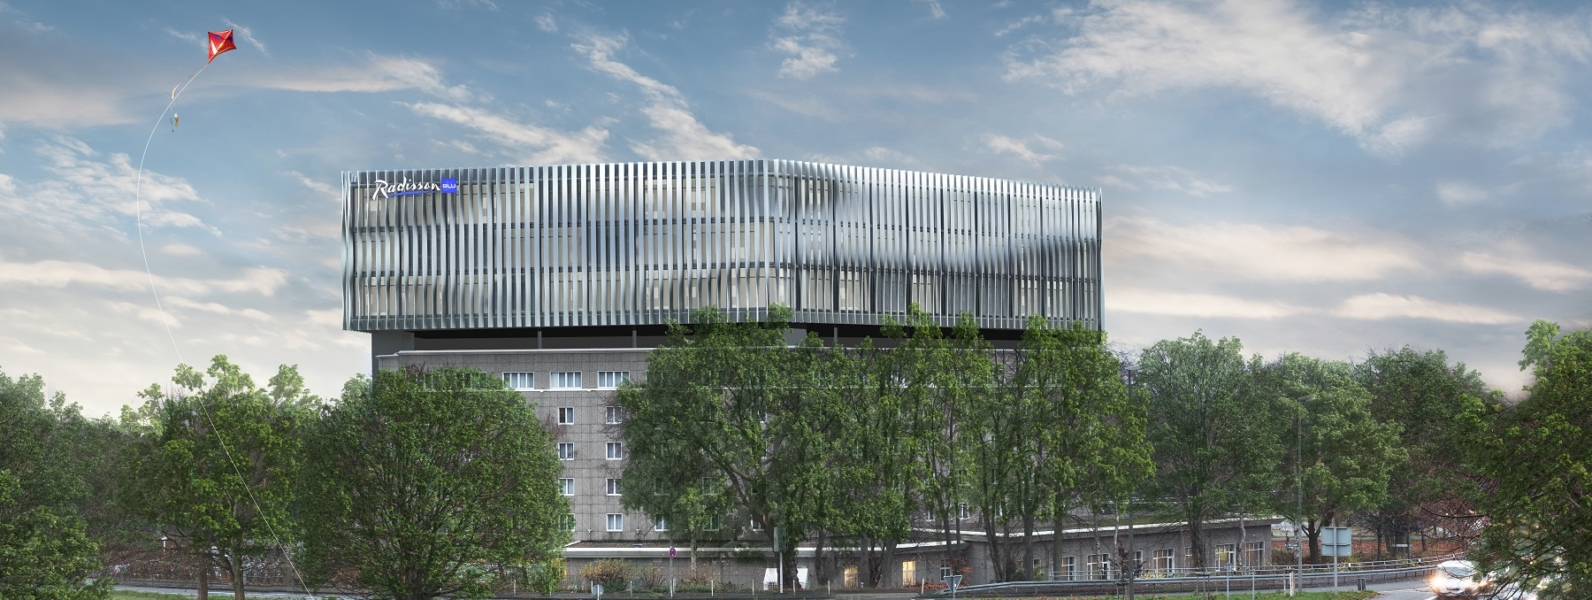 Visualisierung Hotel Dortmund stadtauswärts